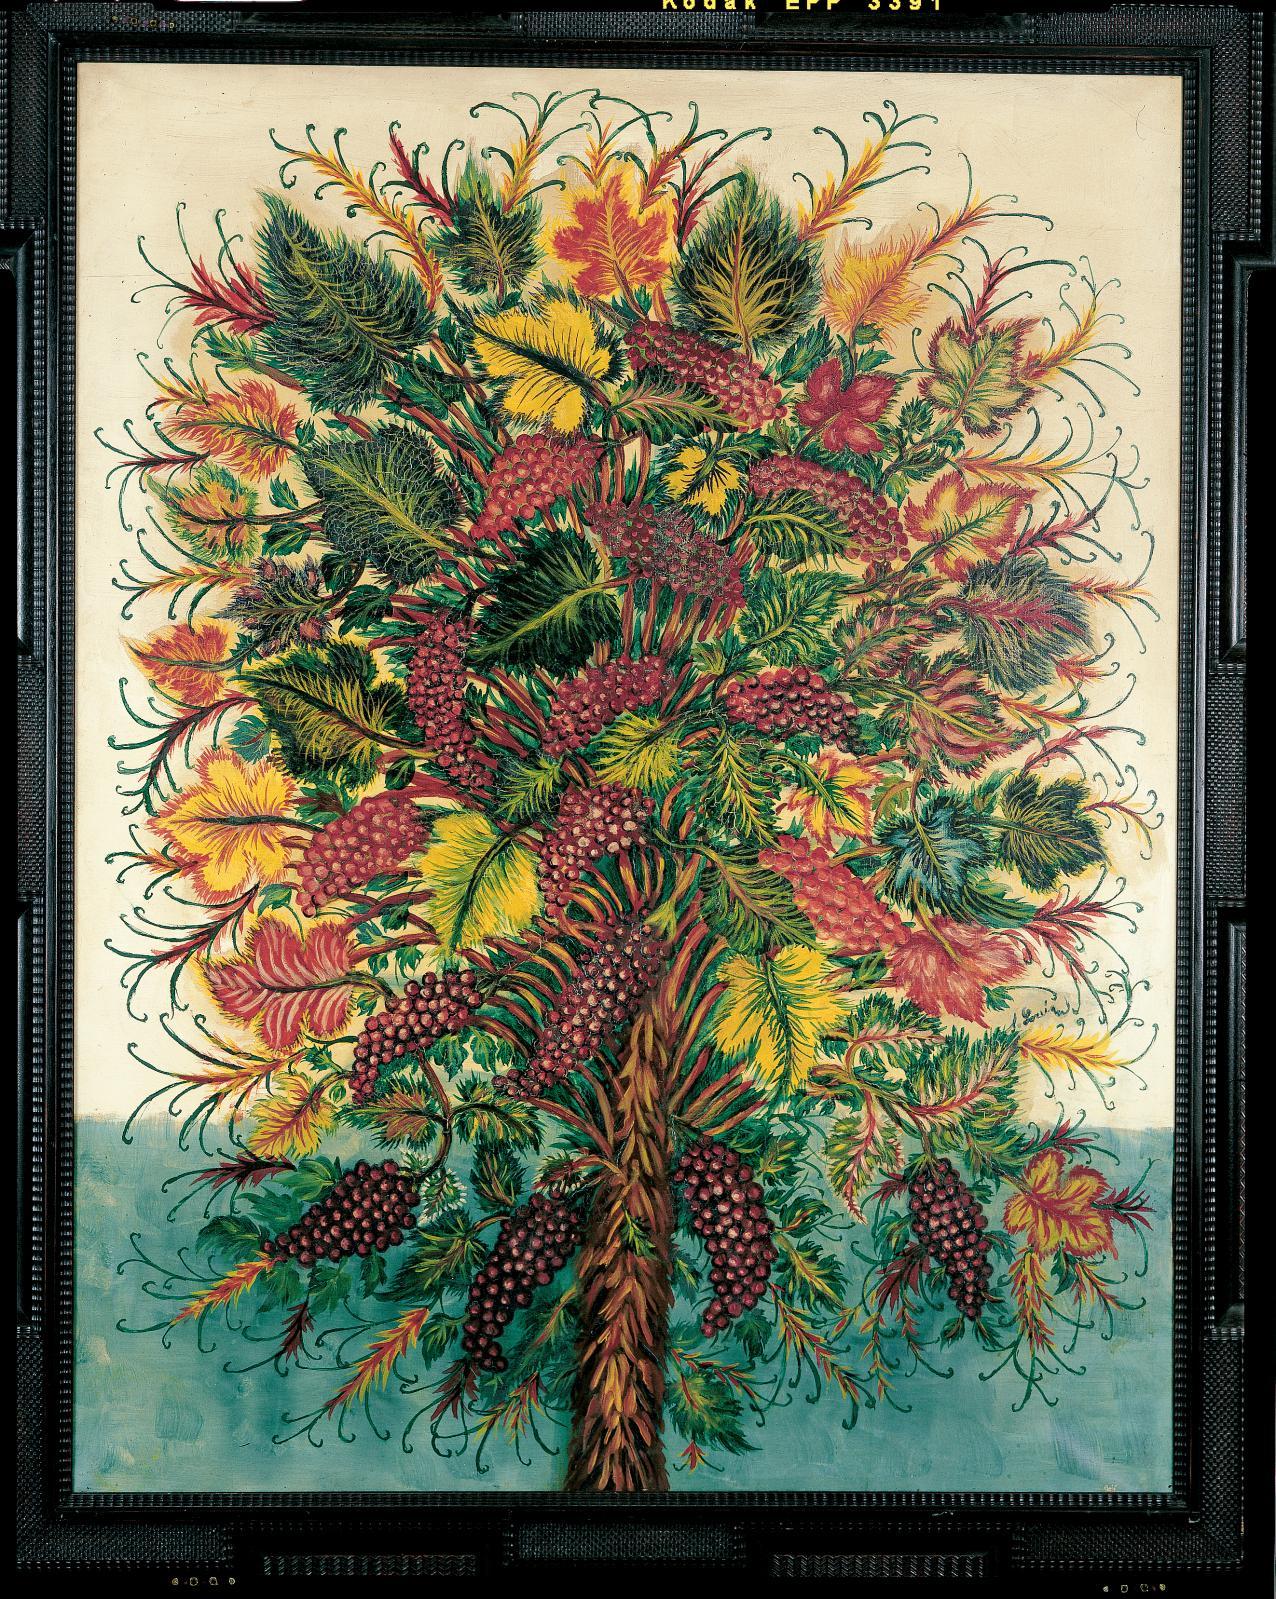 Séraphine Louis, dite Séraphine de Senlis (1864-1942), Les Grappes de raisins, vers 1930, huile sur toile,146x114cm (détail). Collecti